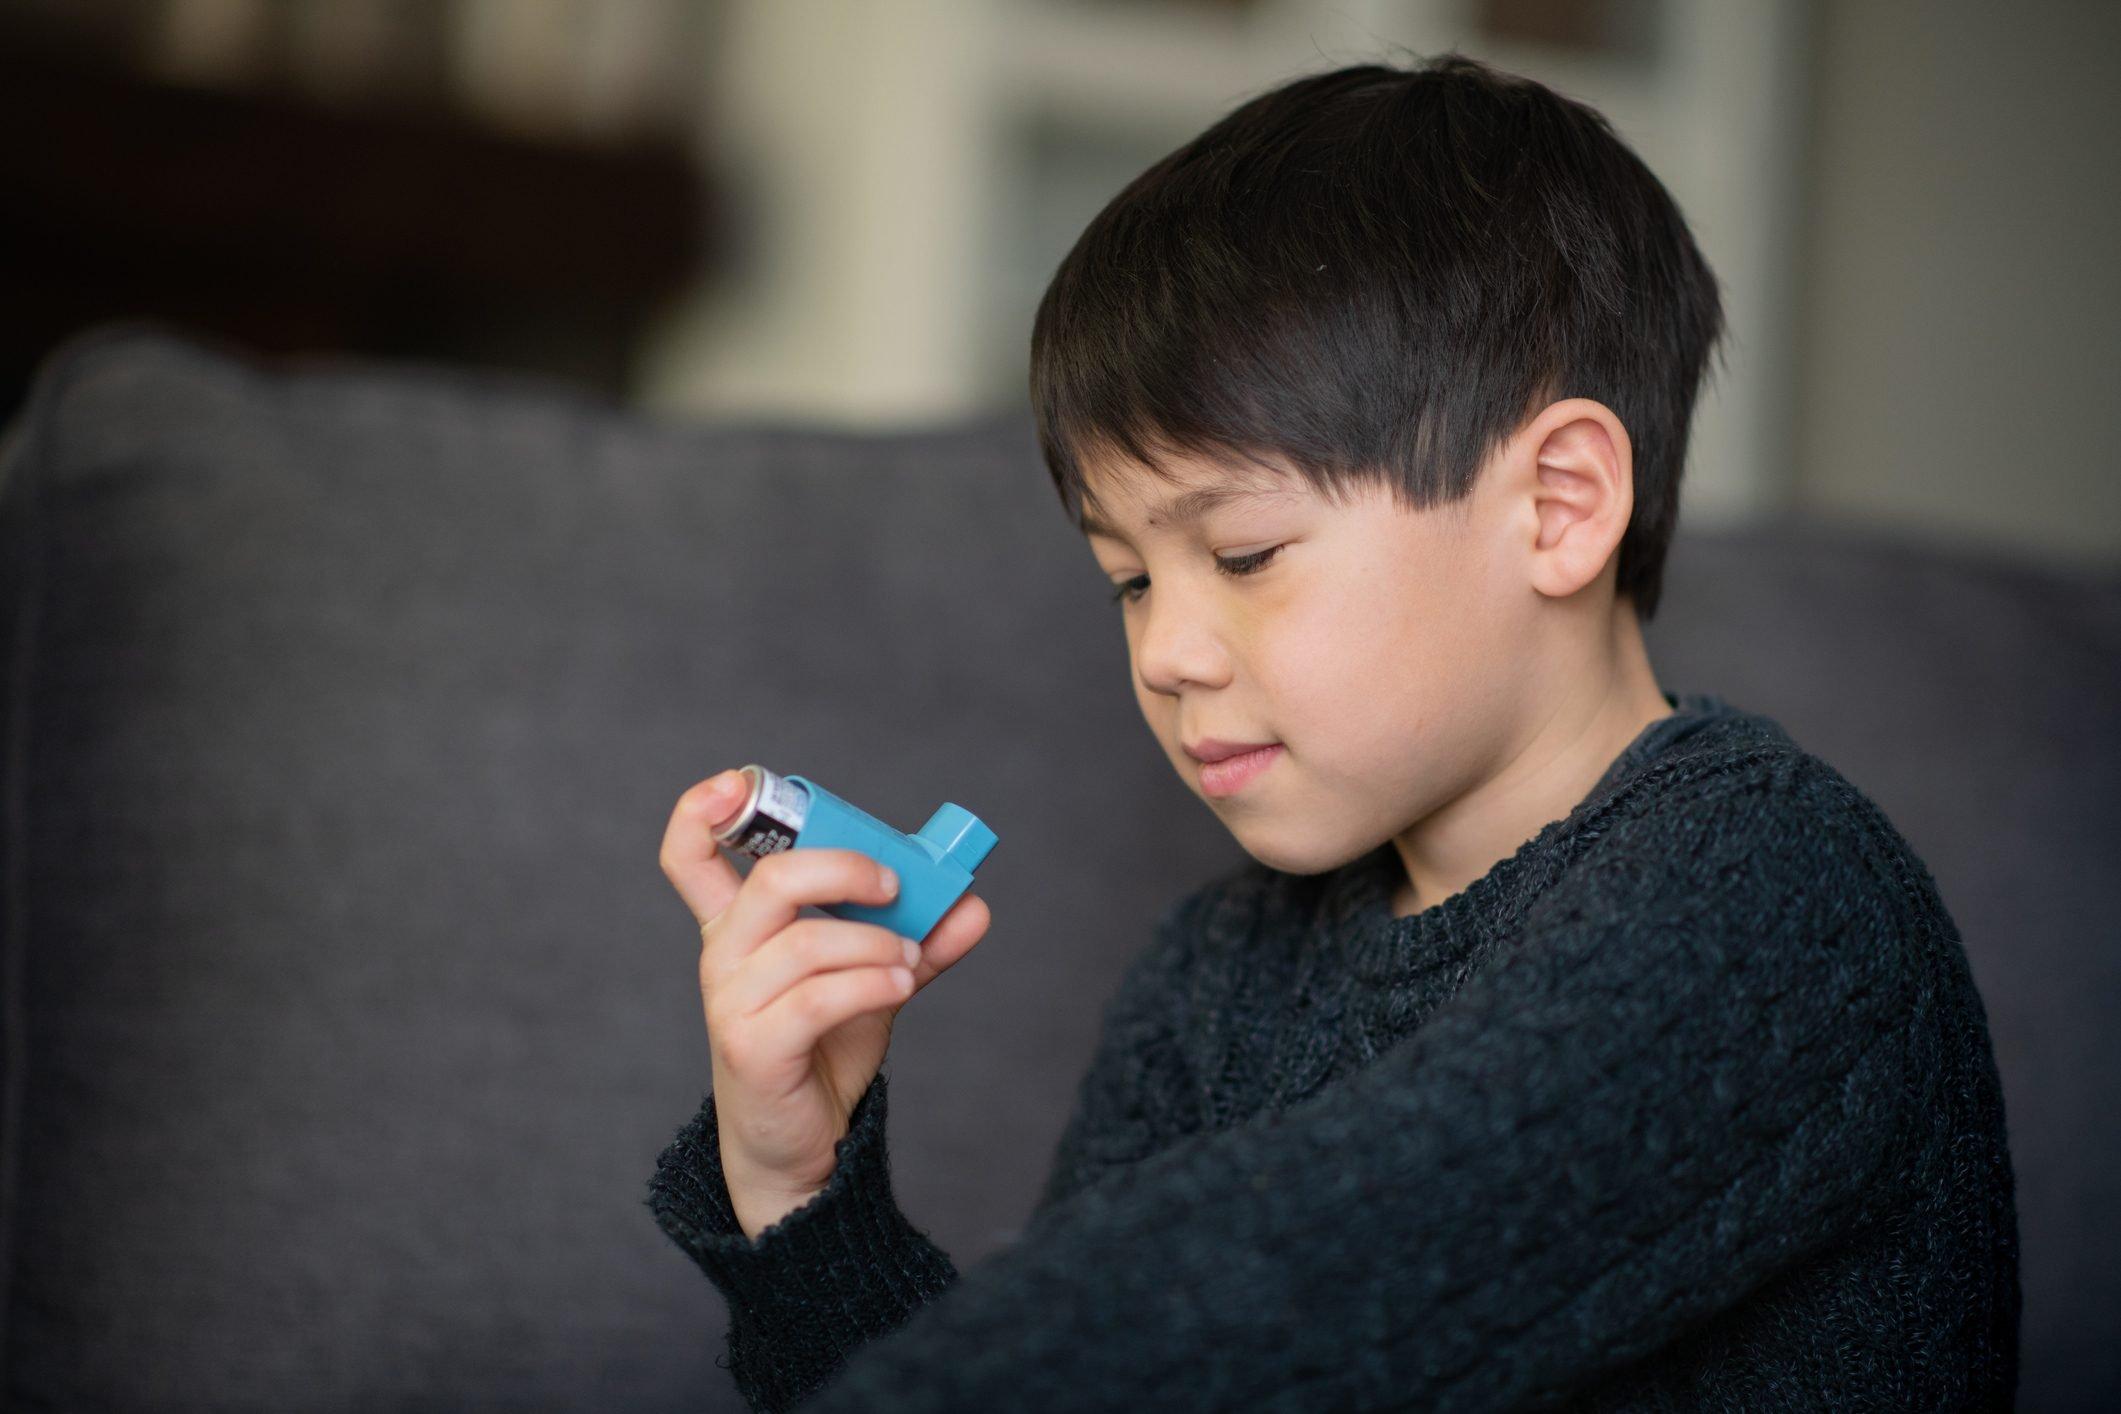 young boy holding a blue inhaler